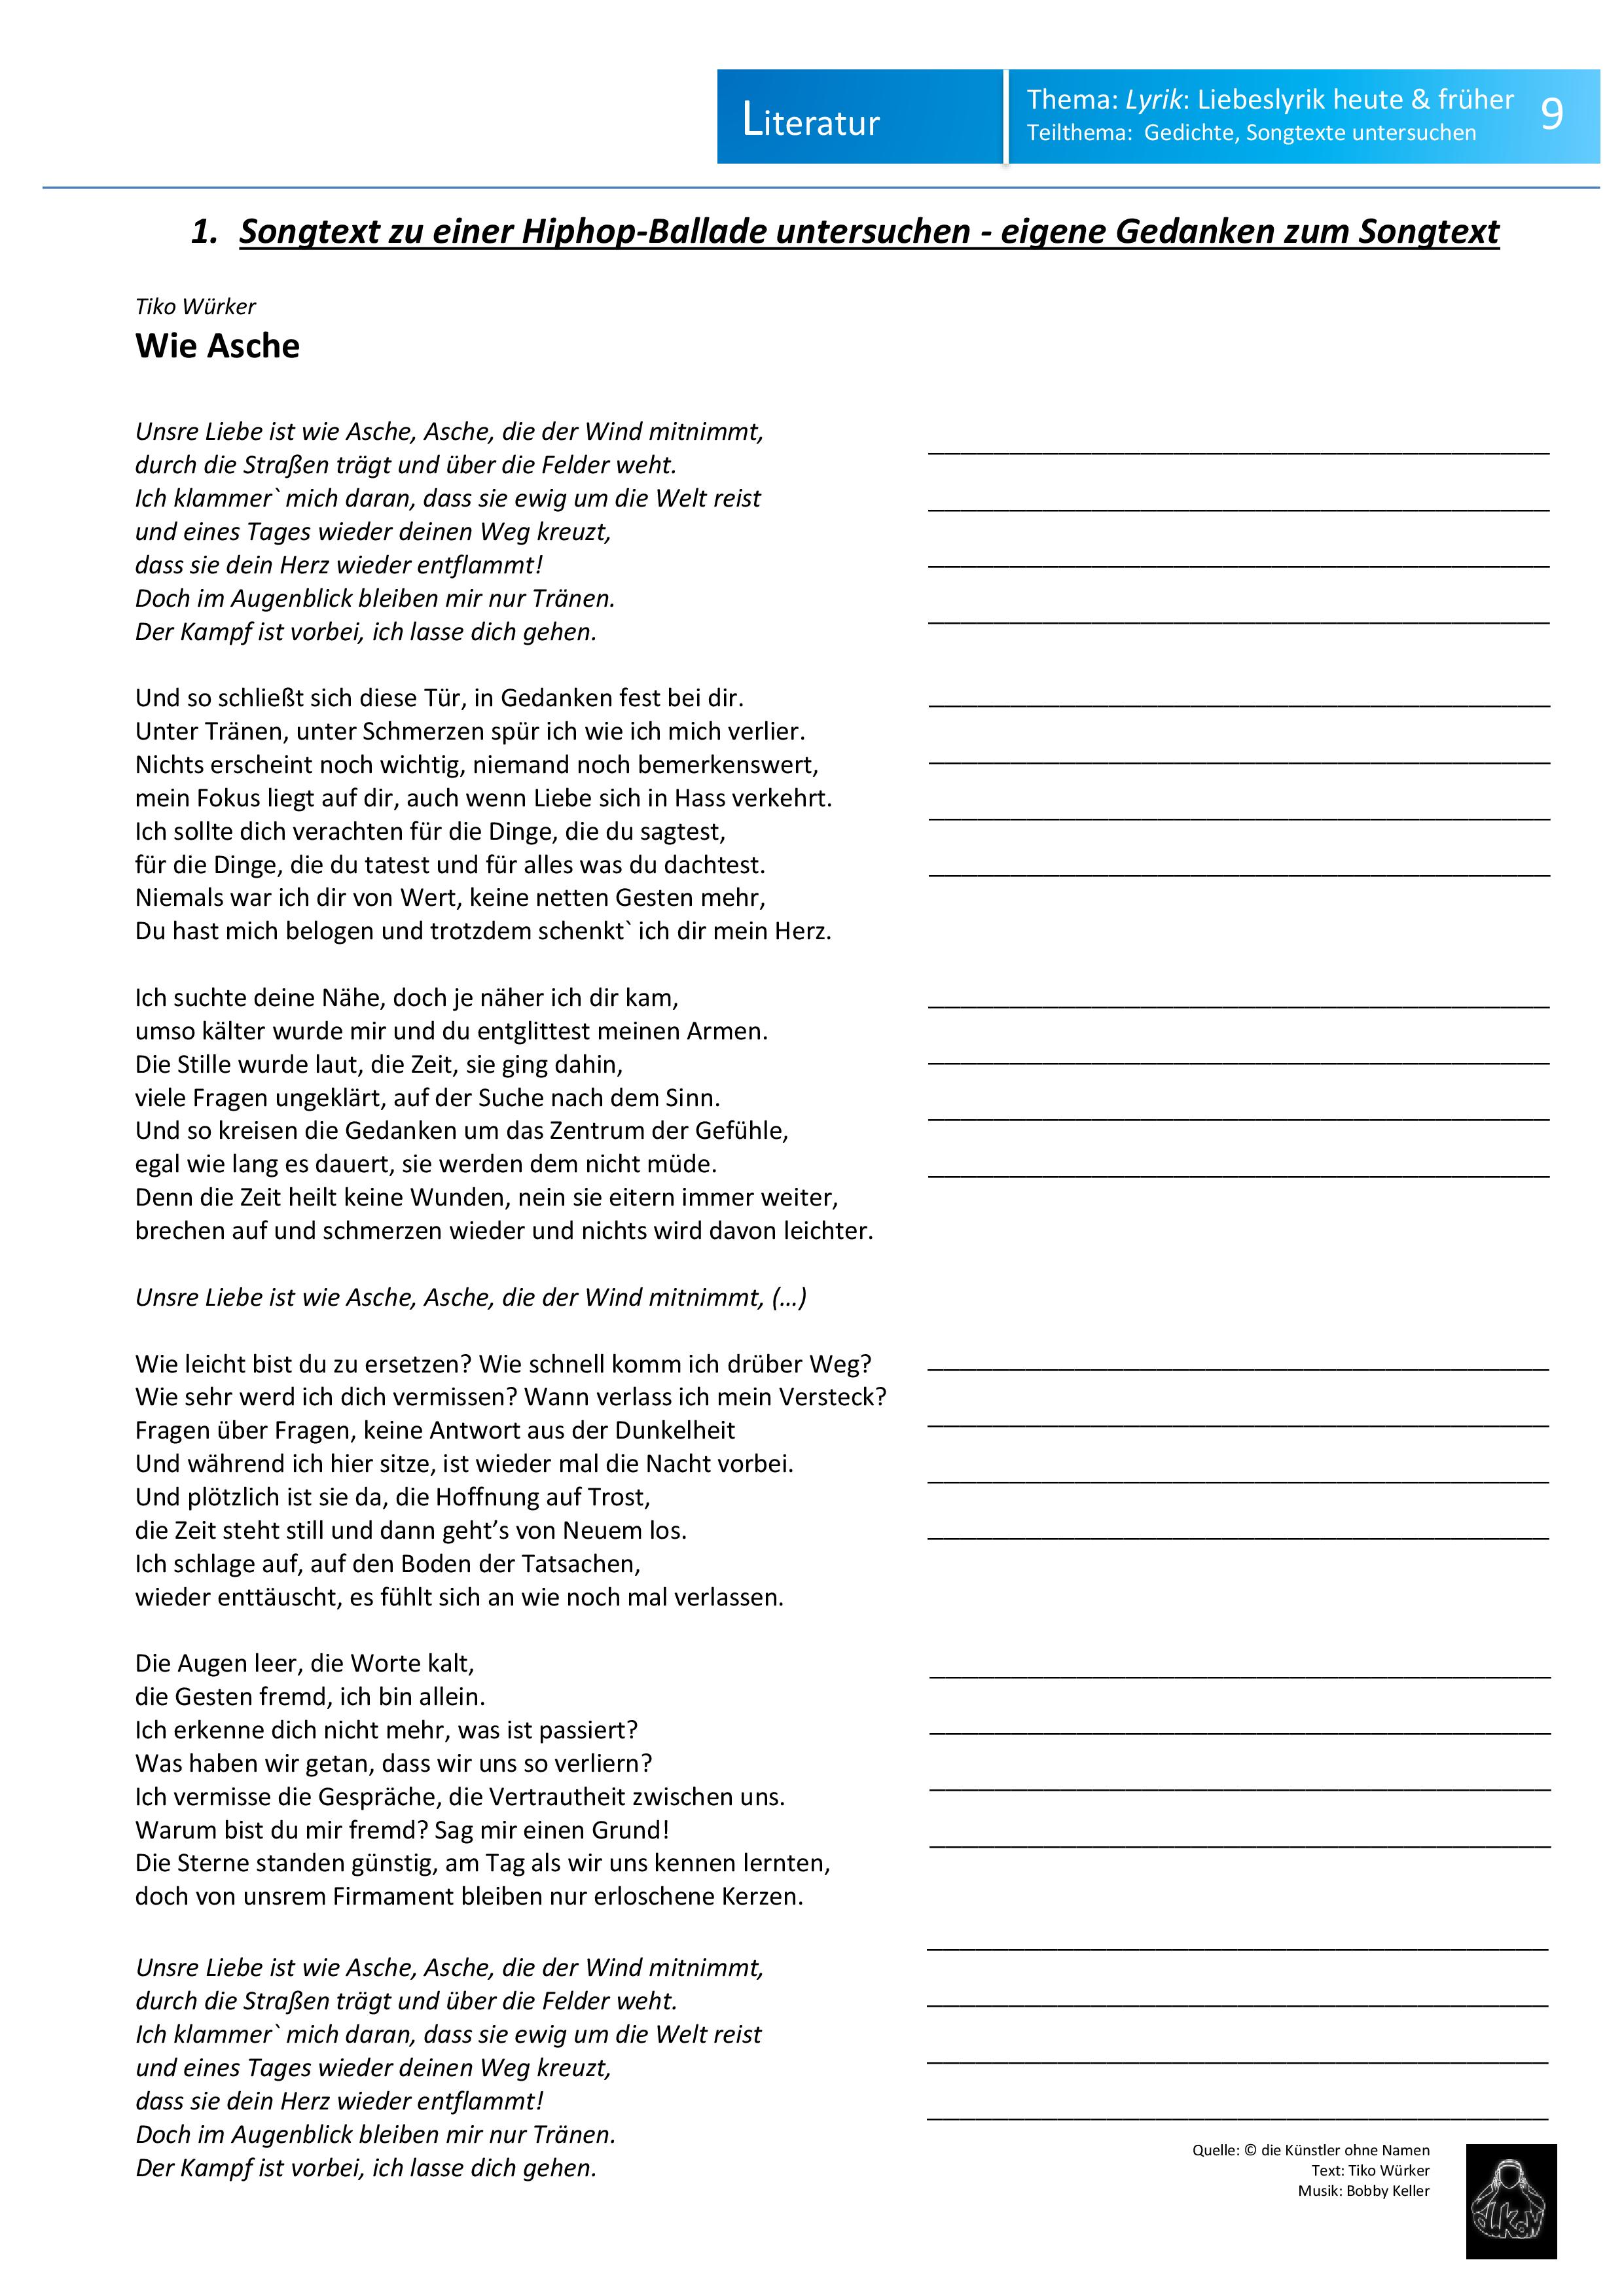 Liebeslyrik Analyse Und Interpretation Eines Liedtextes Mit Song Unterrichtsmaterial In Den Fachern Deutsch Musik Liebeslyrik Lyrik Liedtext